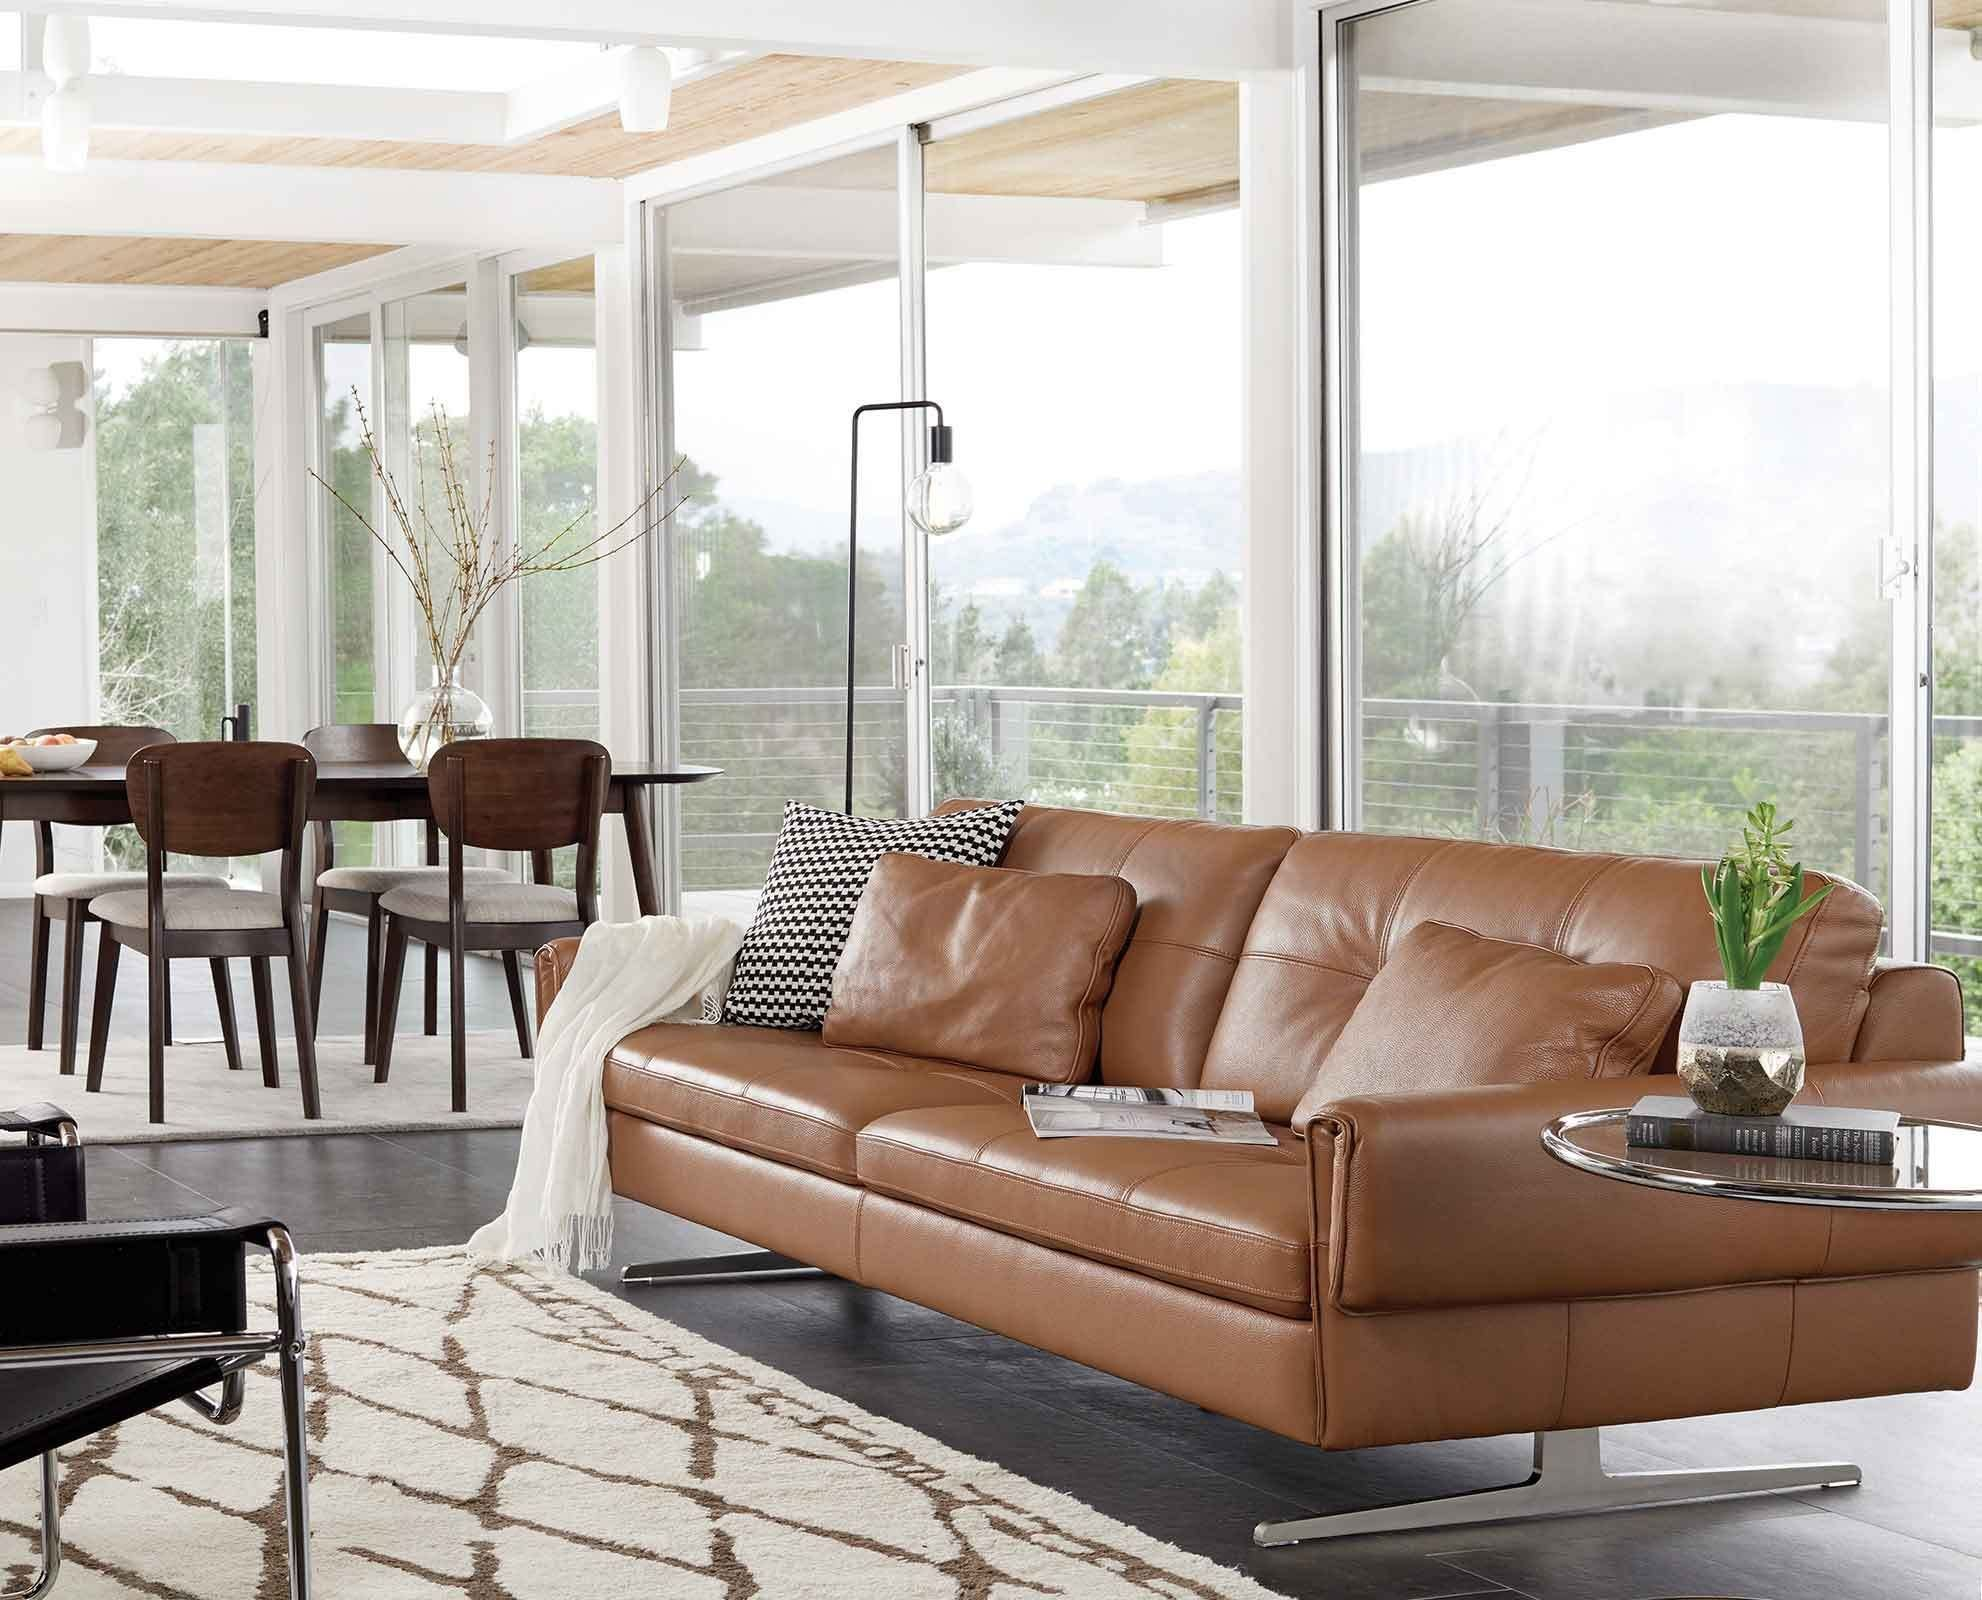 Wohnzimmer Skandinavischer Stil New Sofa Design Attraktiv Runder Tisch  Skandinavisches Design